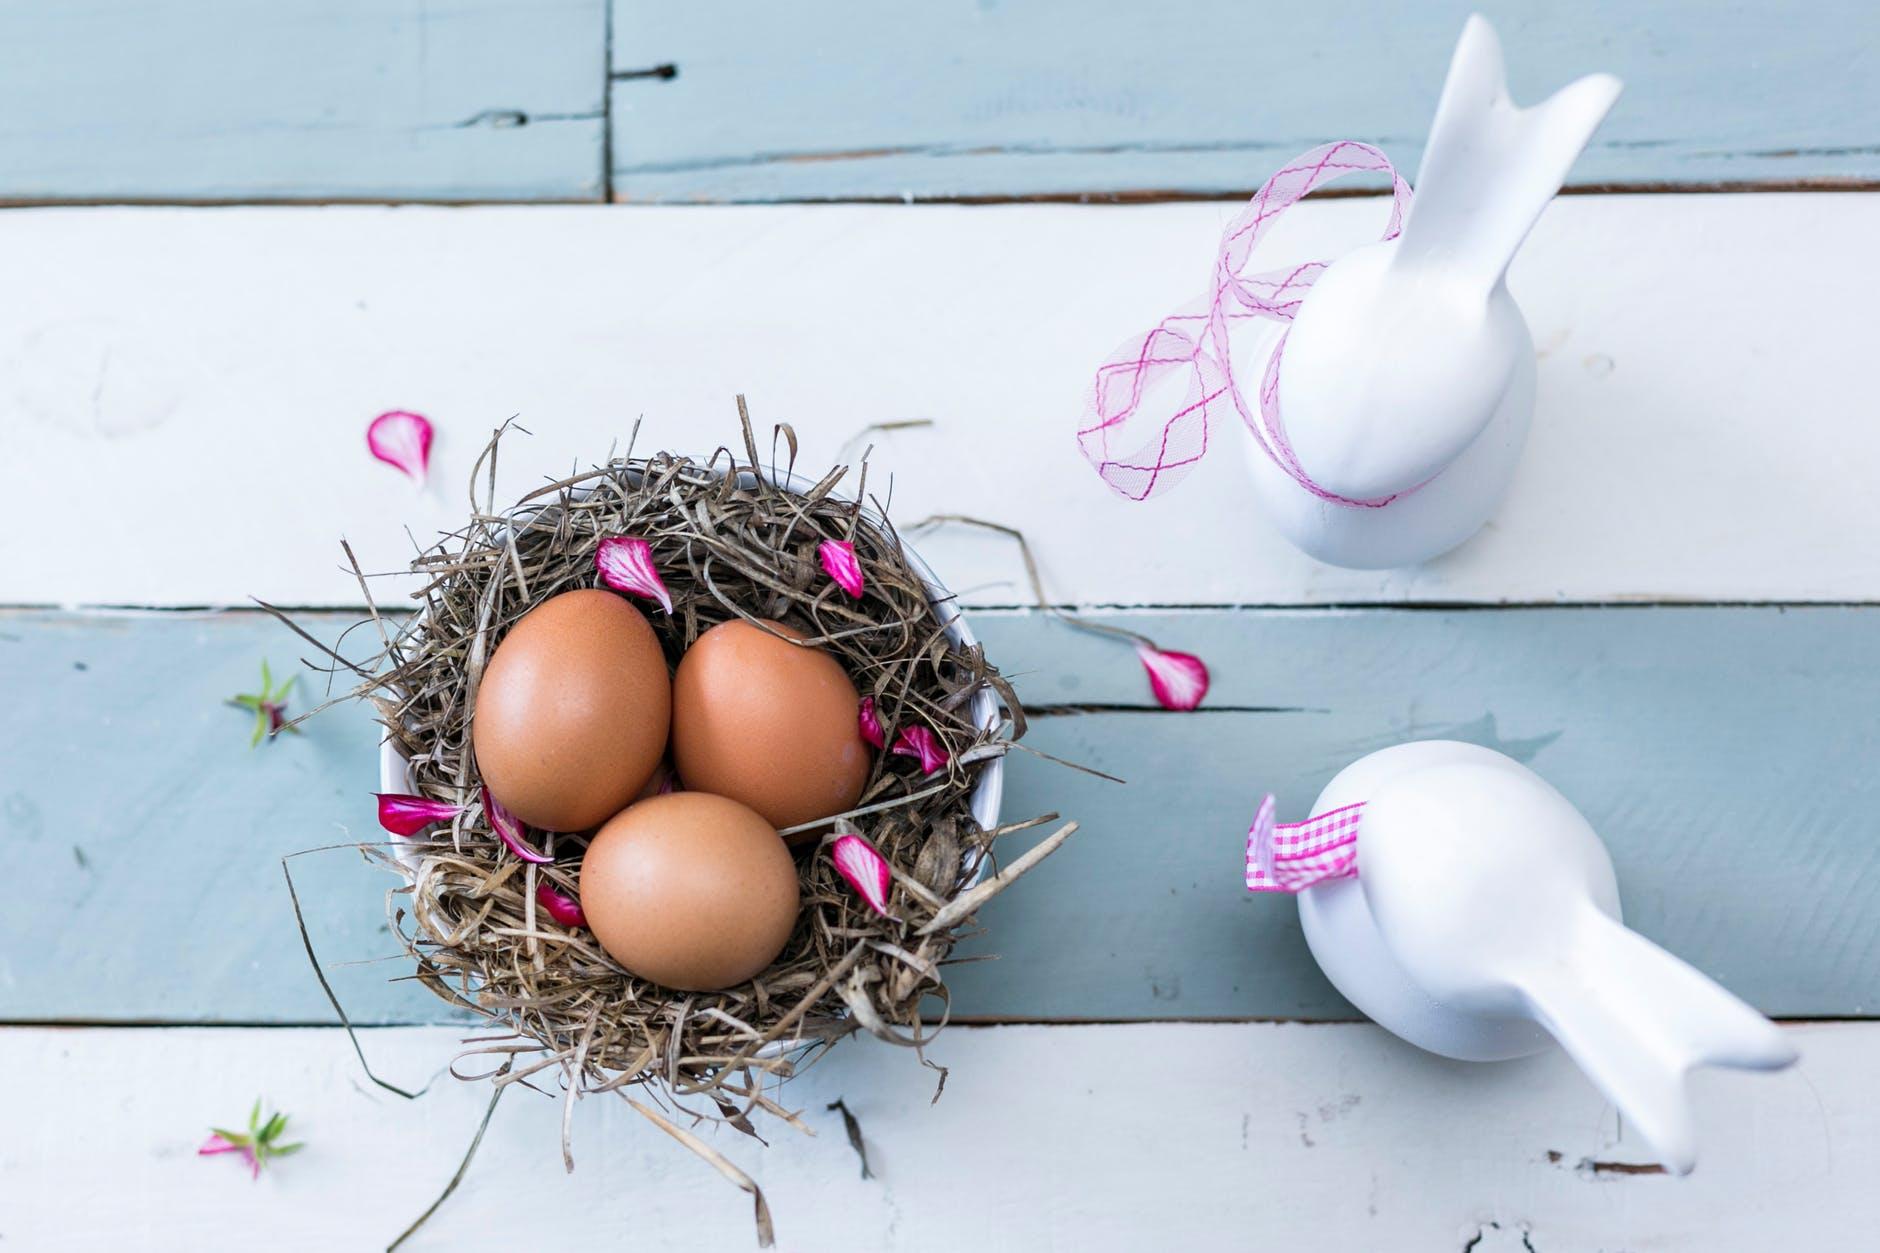 Décoration de Pâques - Décoration de table lapin